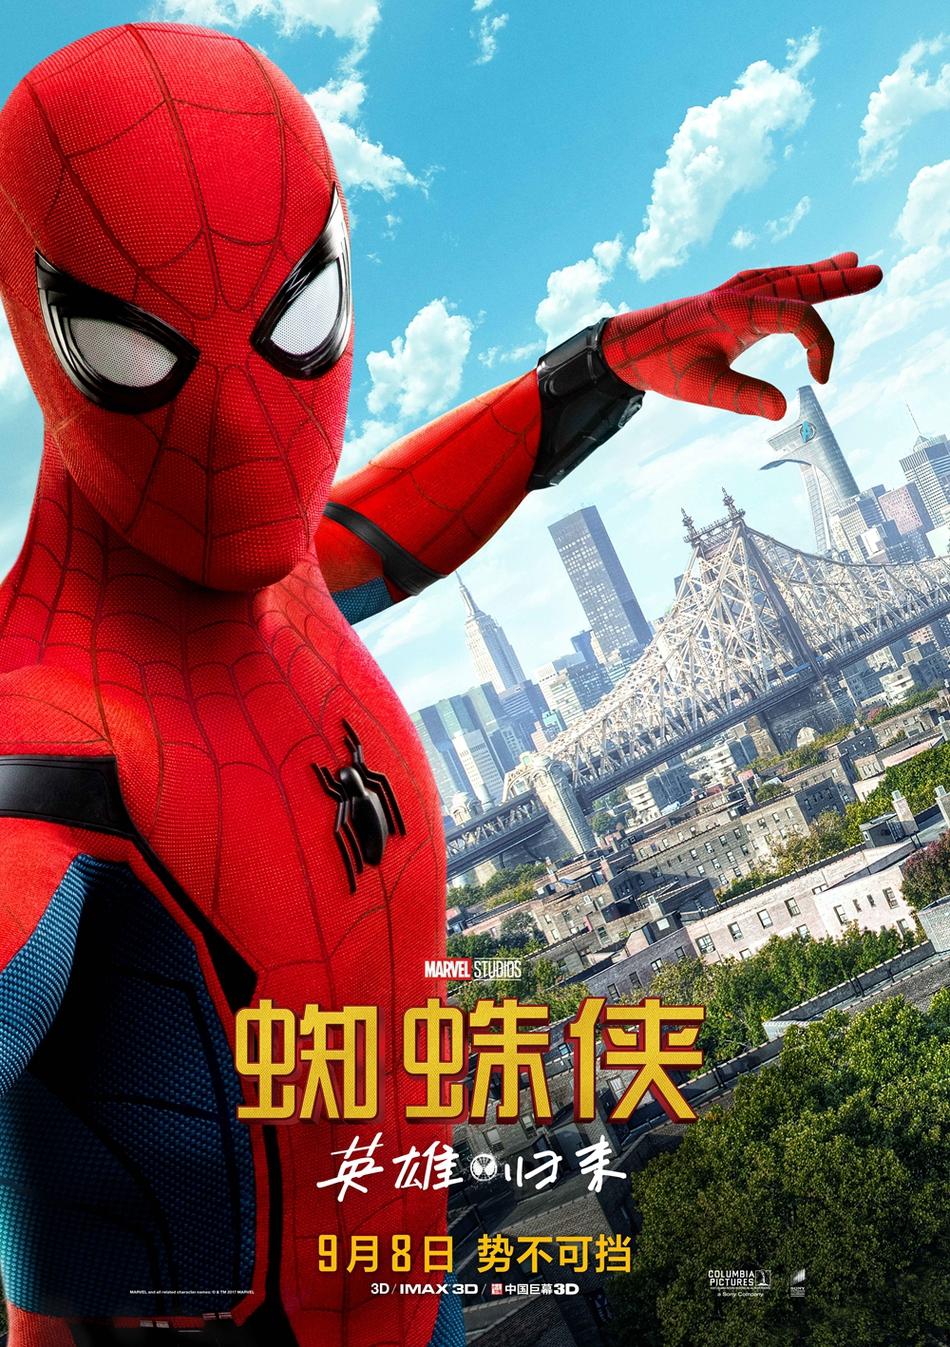 <br/>   《蜘蛛侠:英雄归来》发布了成长版海报,小蜘蛛开启自拍达人模式,飞檐走壁大秀摄影技术。<br/>